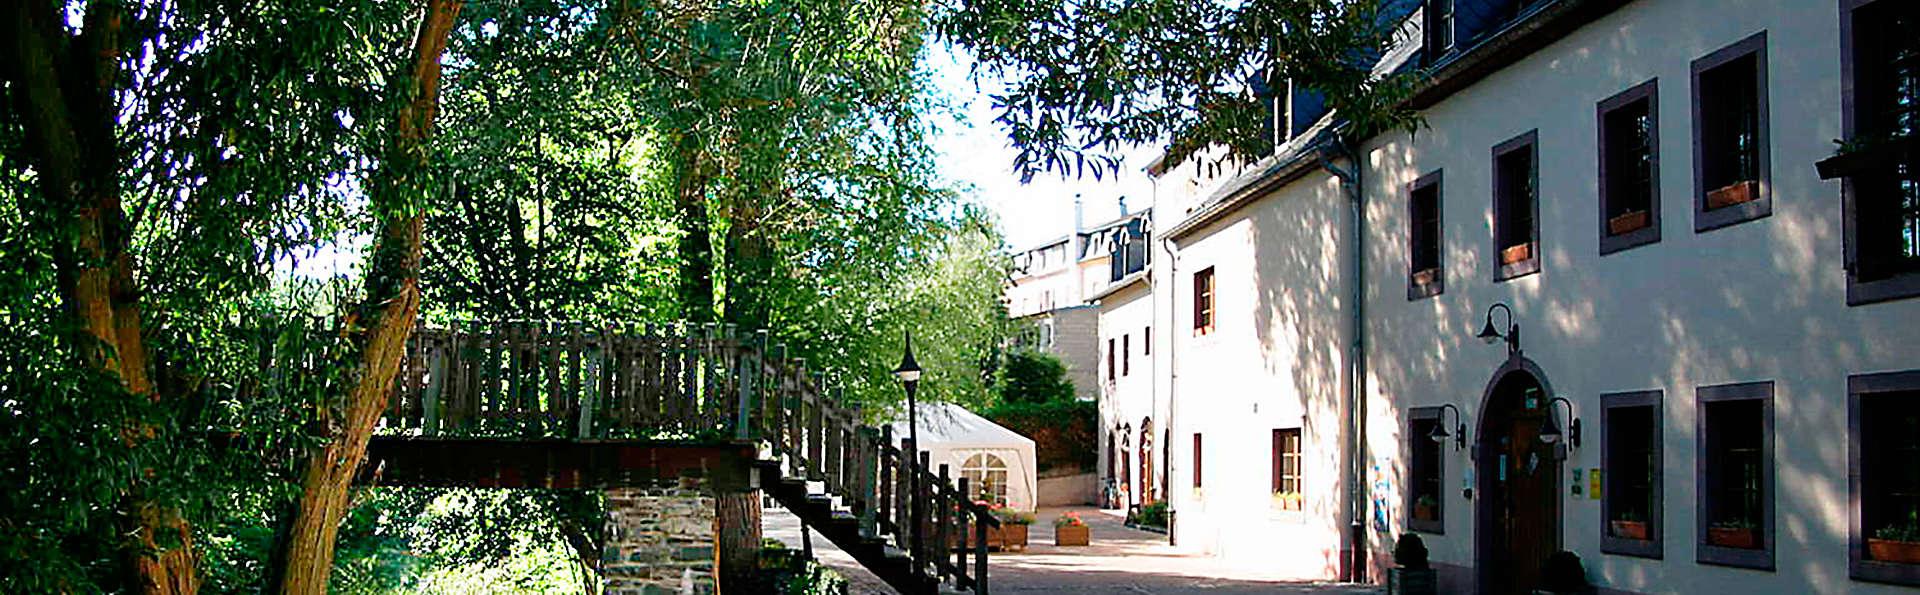 Hôtel Restaurant Aux Anciennes Tanneries - EDIT_front2.jpg